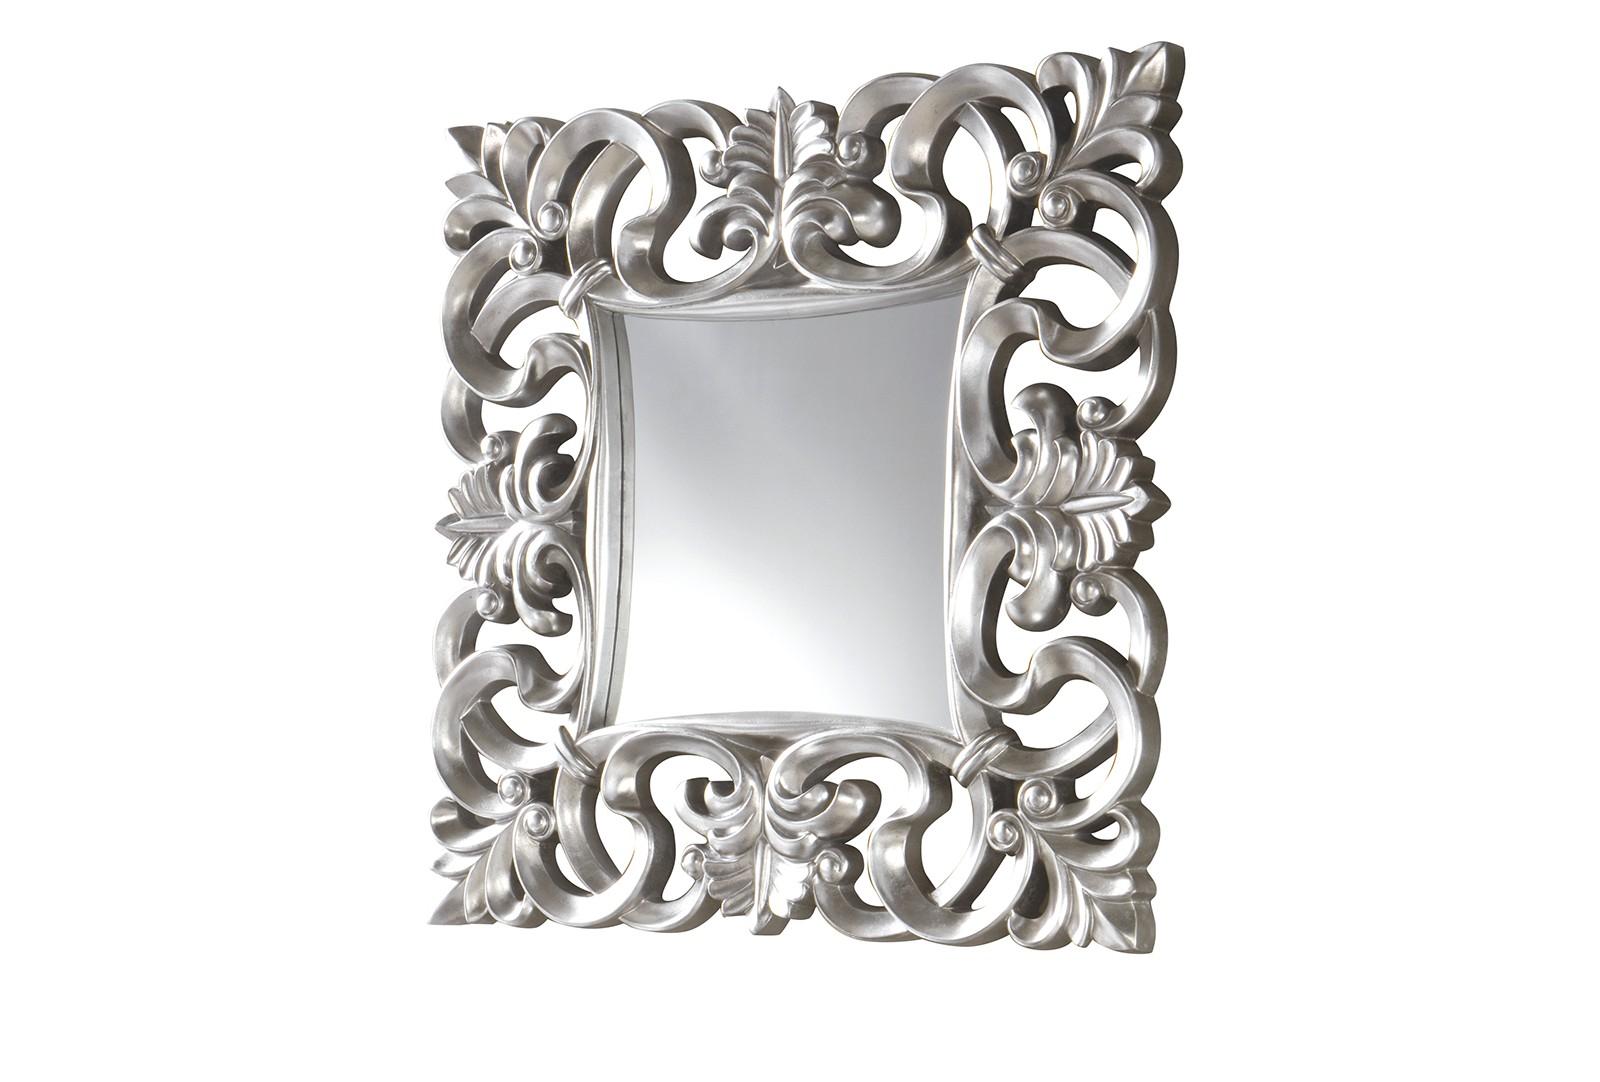 Зеркало PU021 сереброНастенные зеркала<br><br><br>Material: Пластик<br>Width см: 100<br>Height см: 100